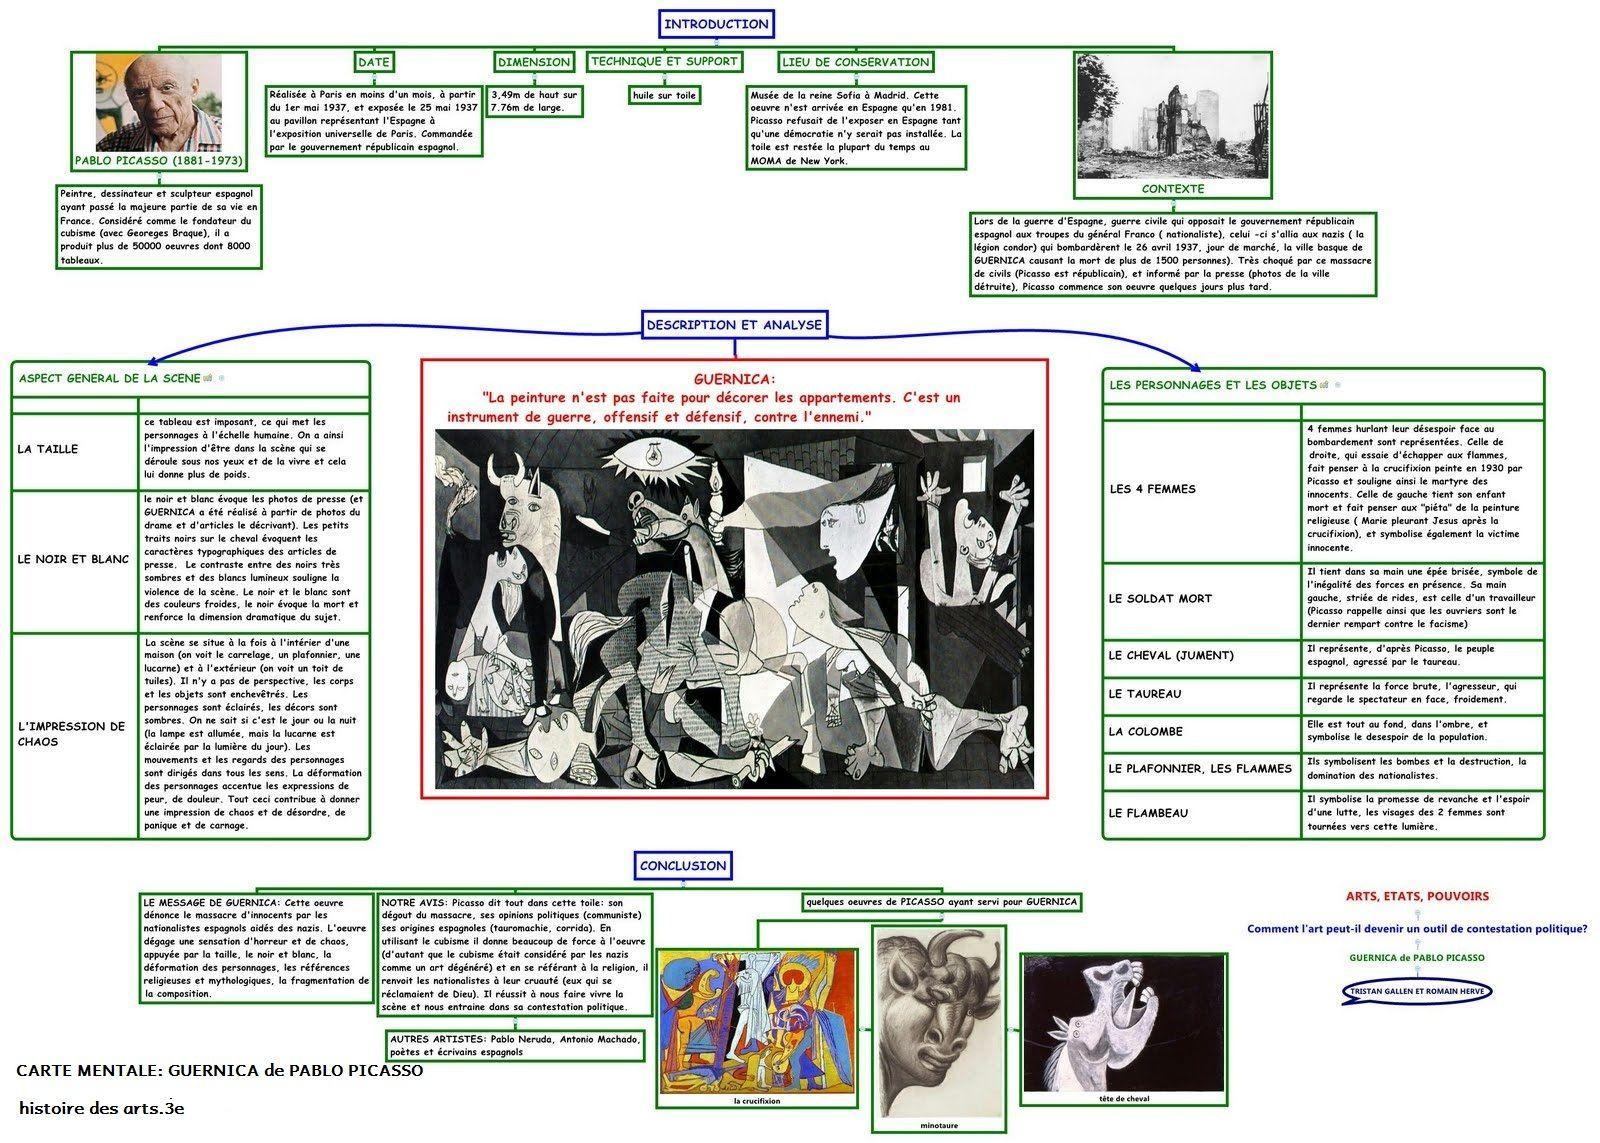 Histoire Des Arts 1 Guernica De Pablo Picasso Histoire De L Art Guernica Histoire Des Arts Carte Mentale